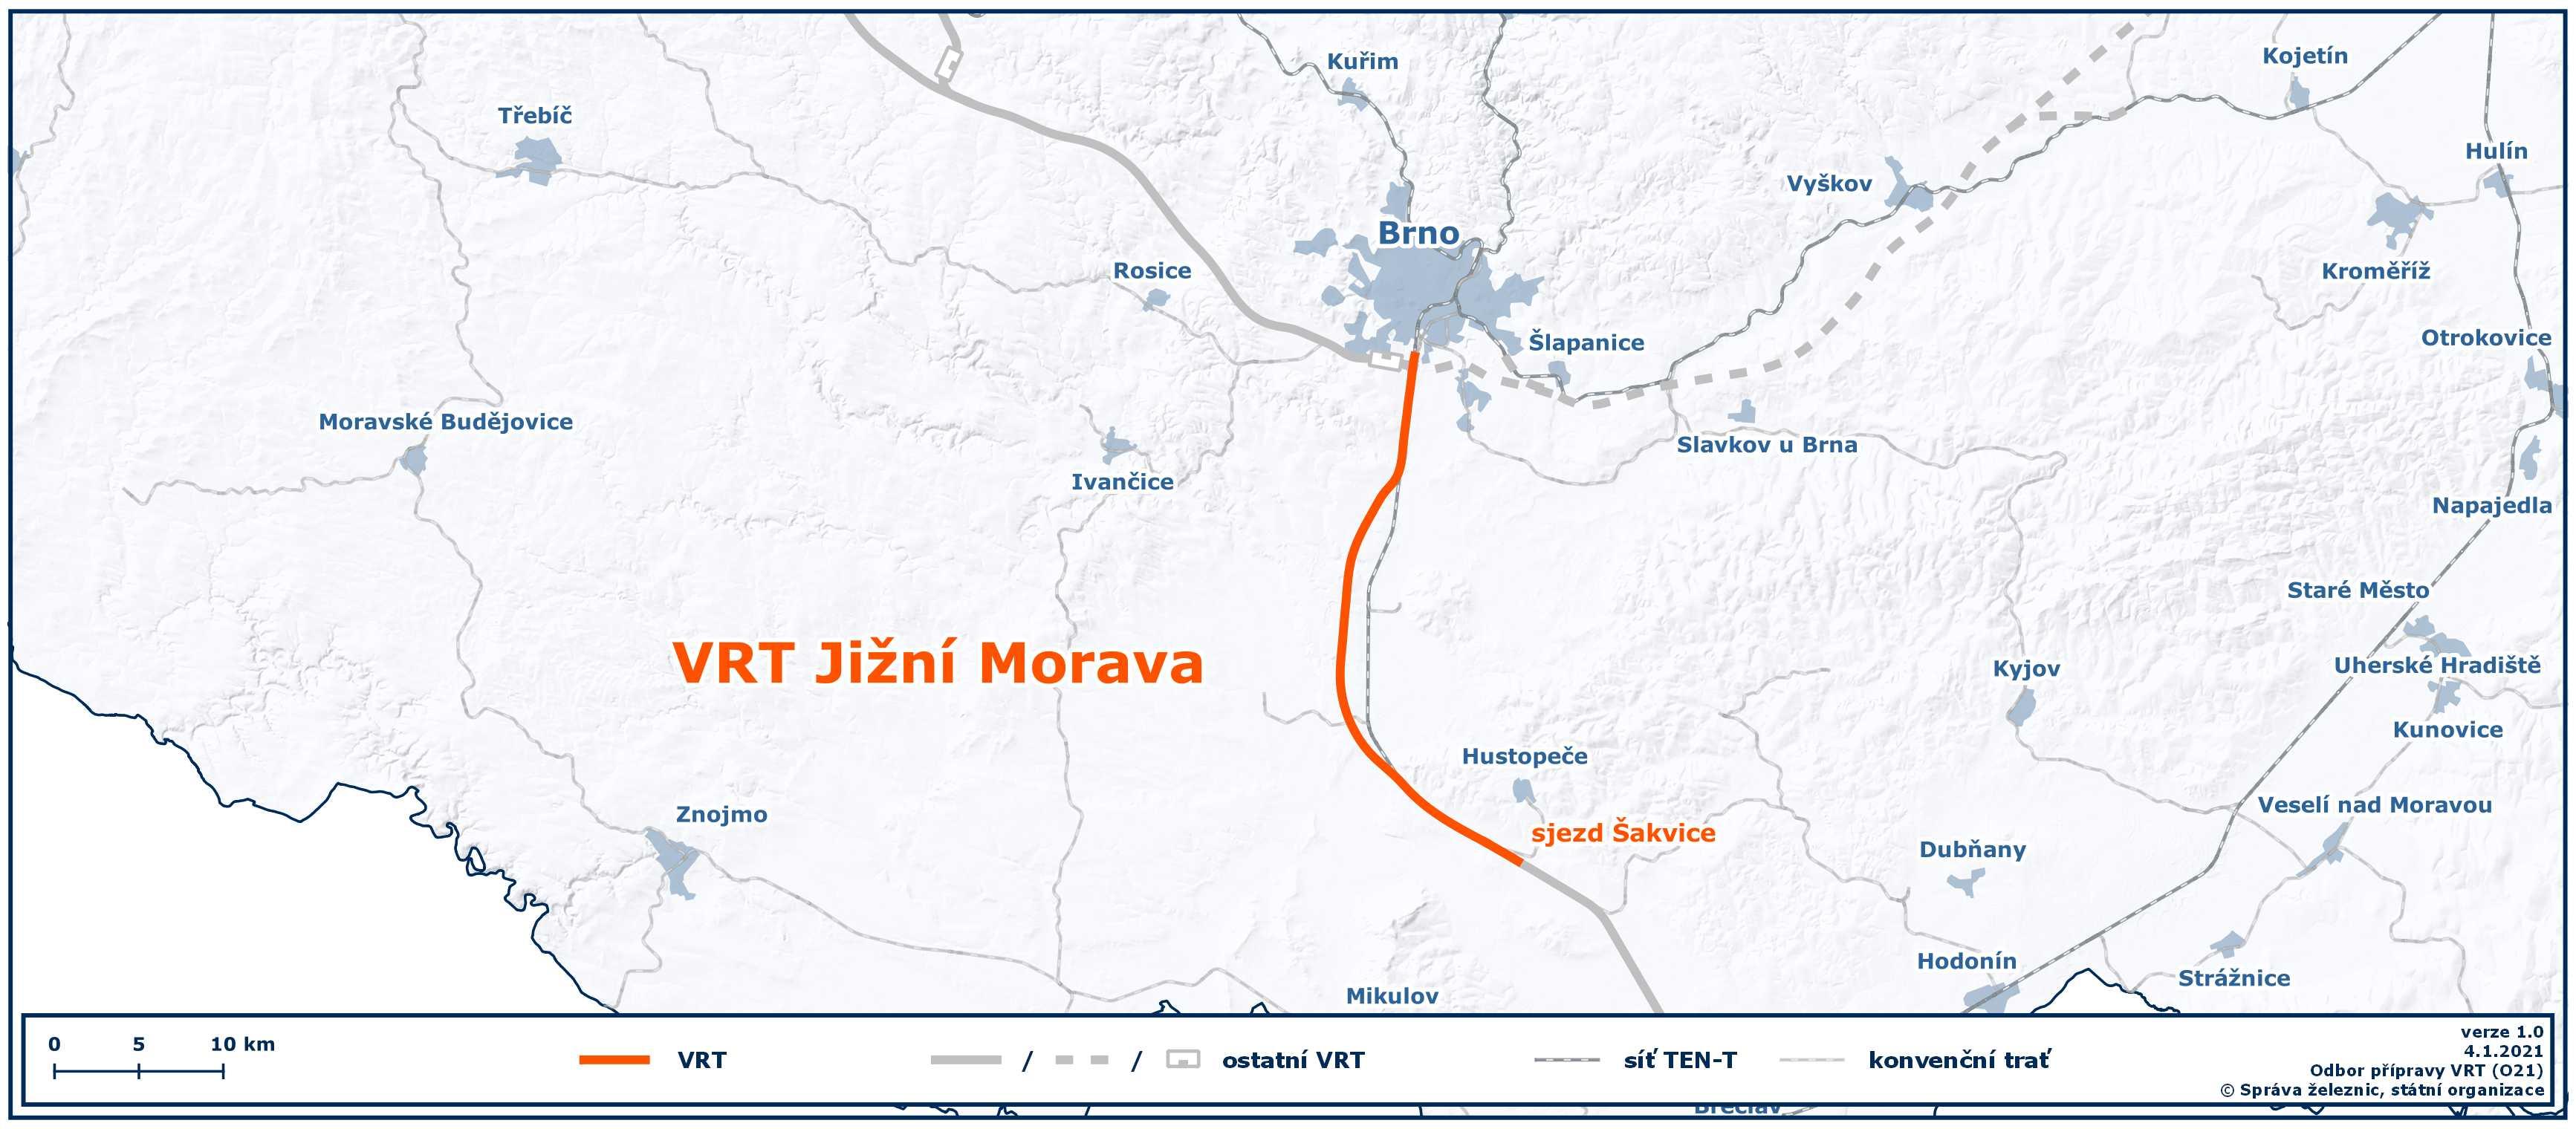 Mapa VRT Jižní Morava